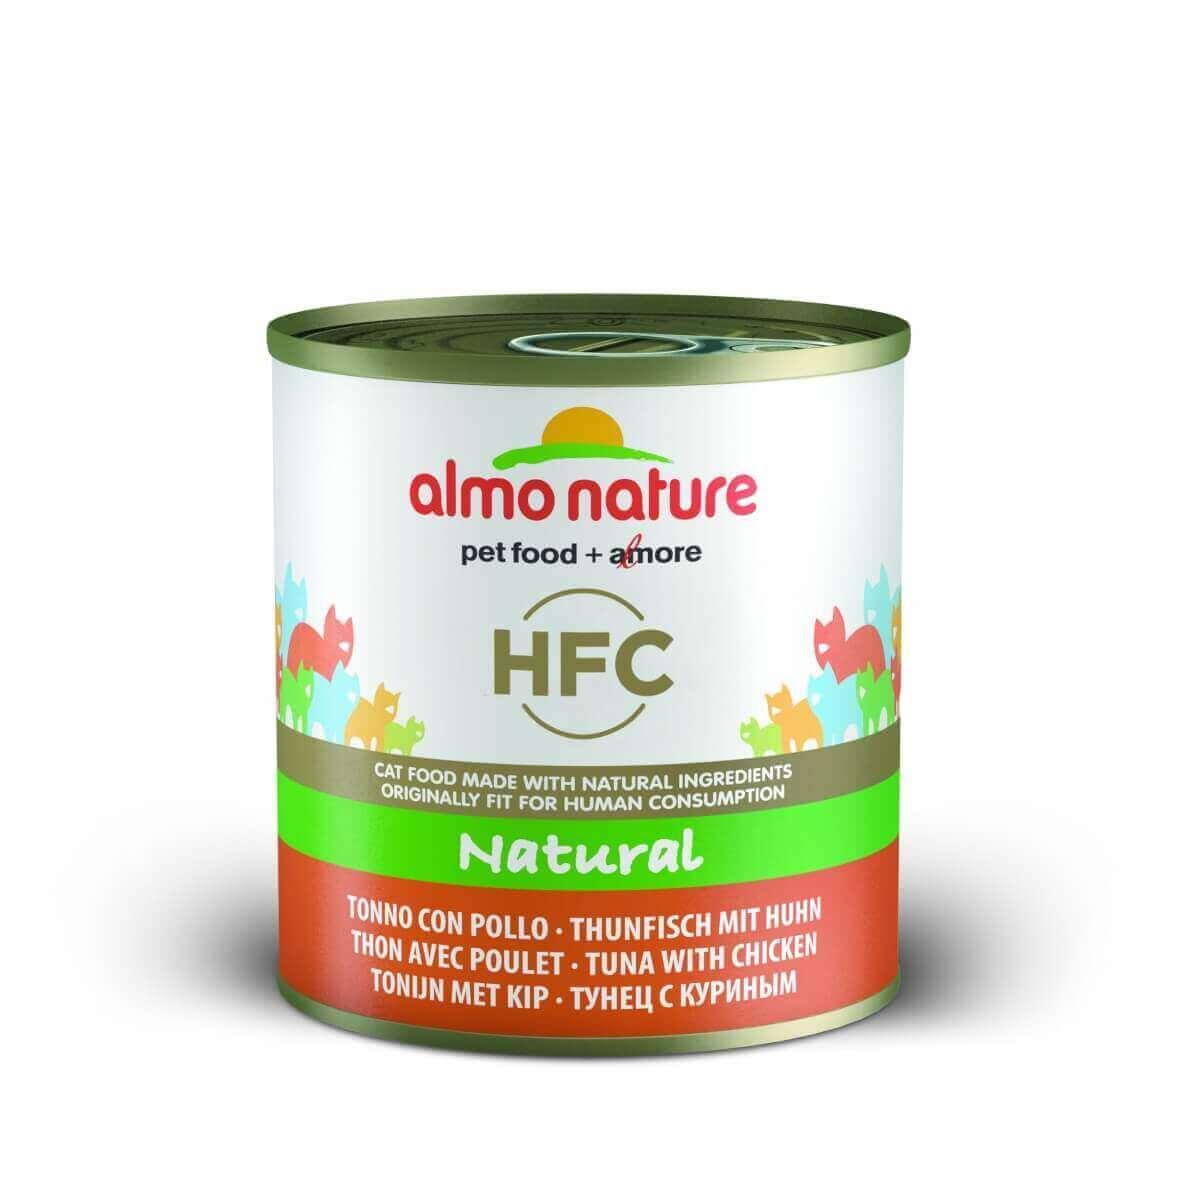 Pâtée Almo Nature HFC Natural pour chat 280g_5